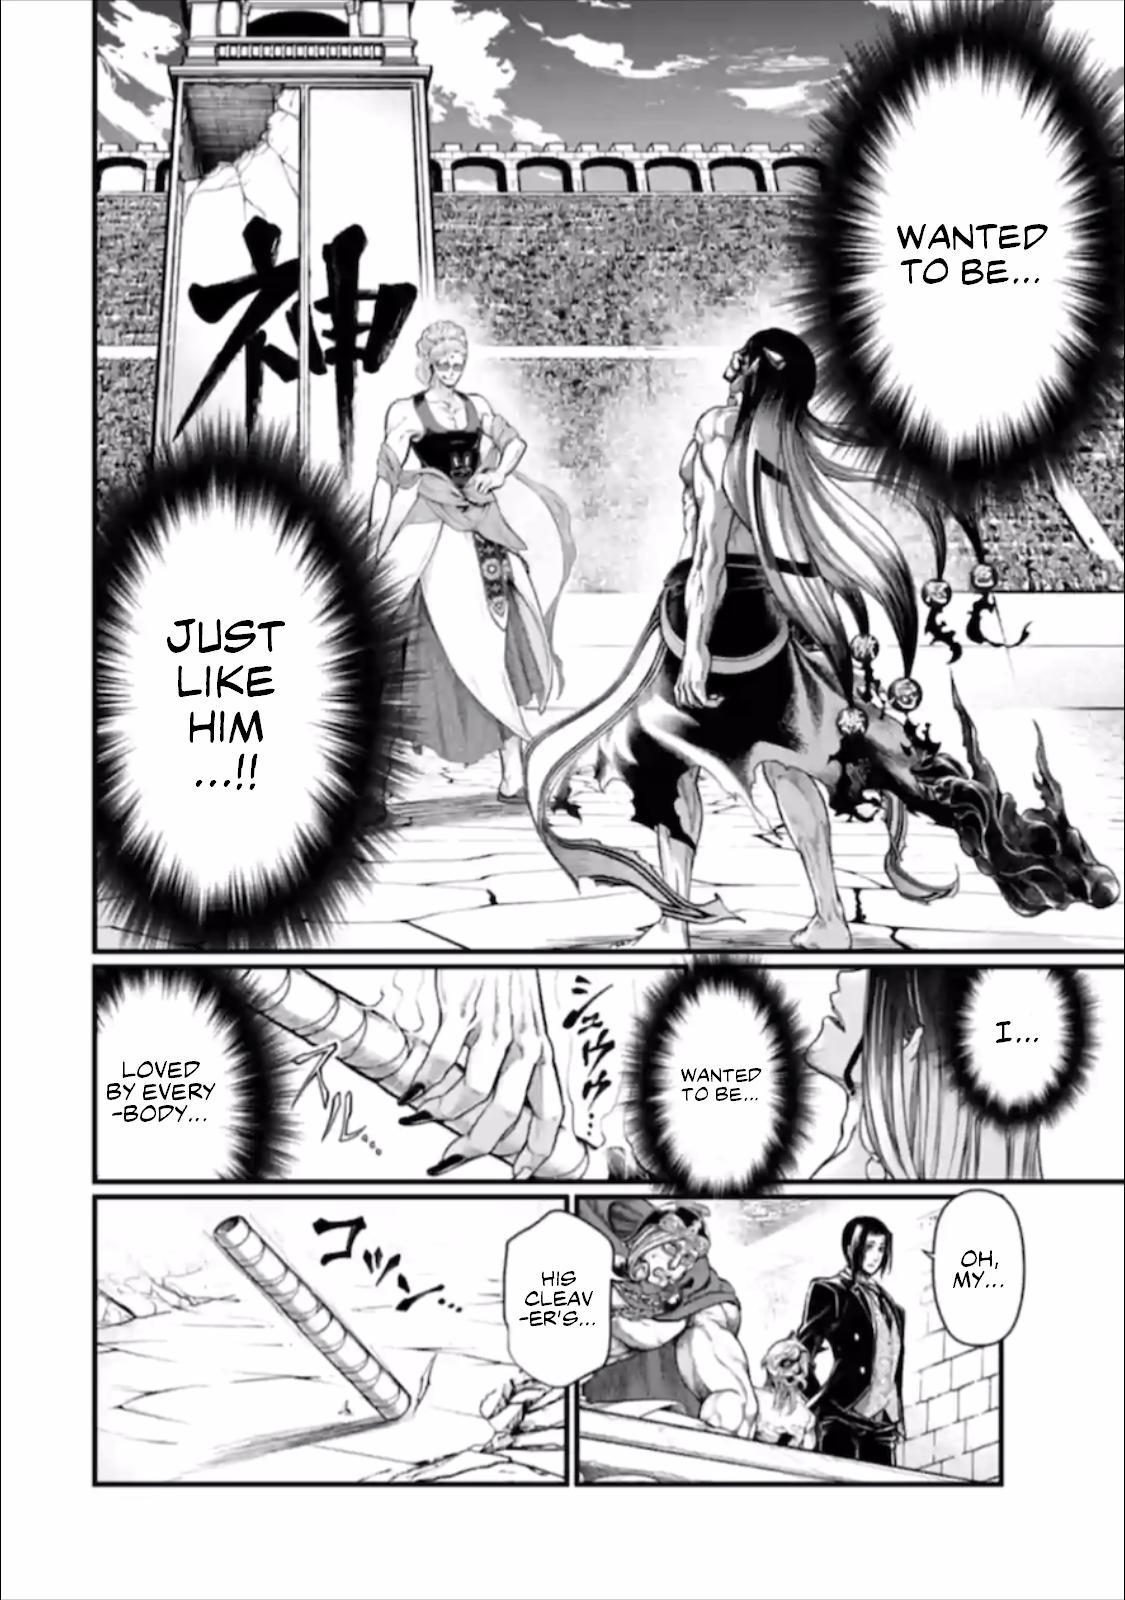 Shuumatsu no Valkyrie, Chapter 48 image 0048-031